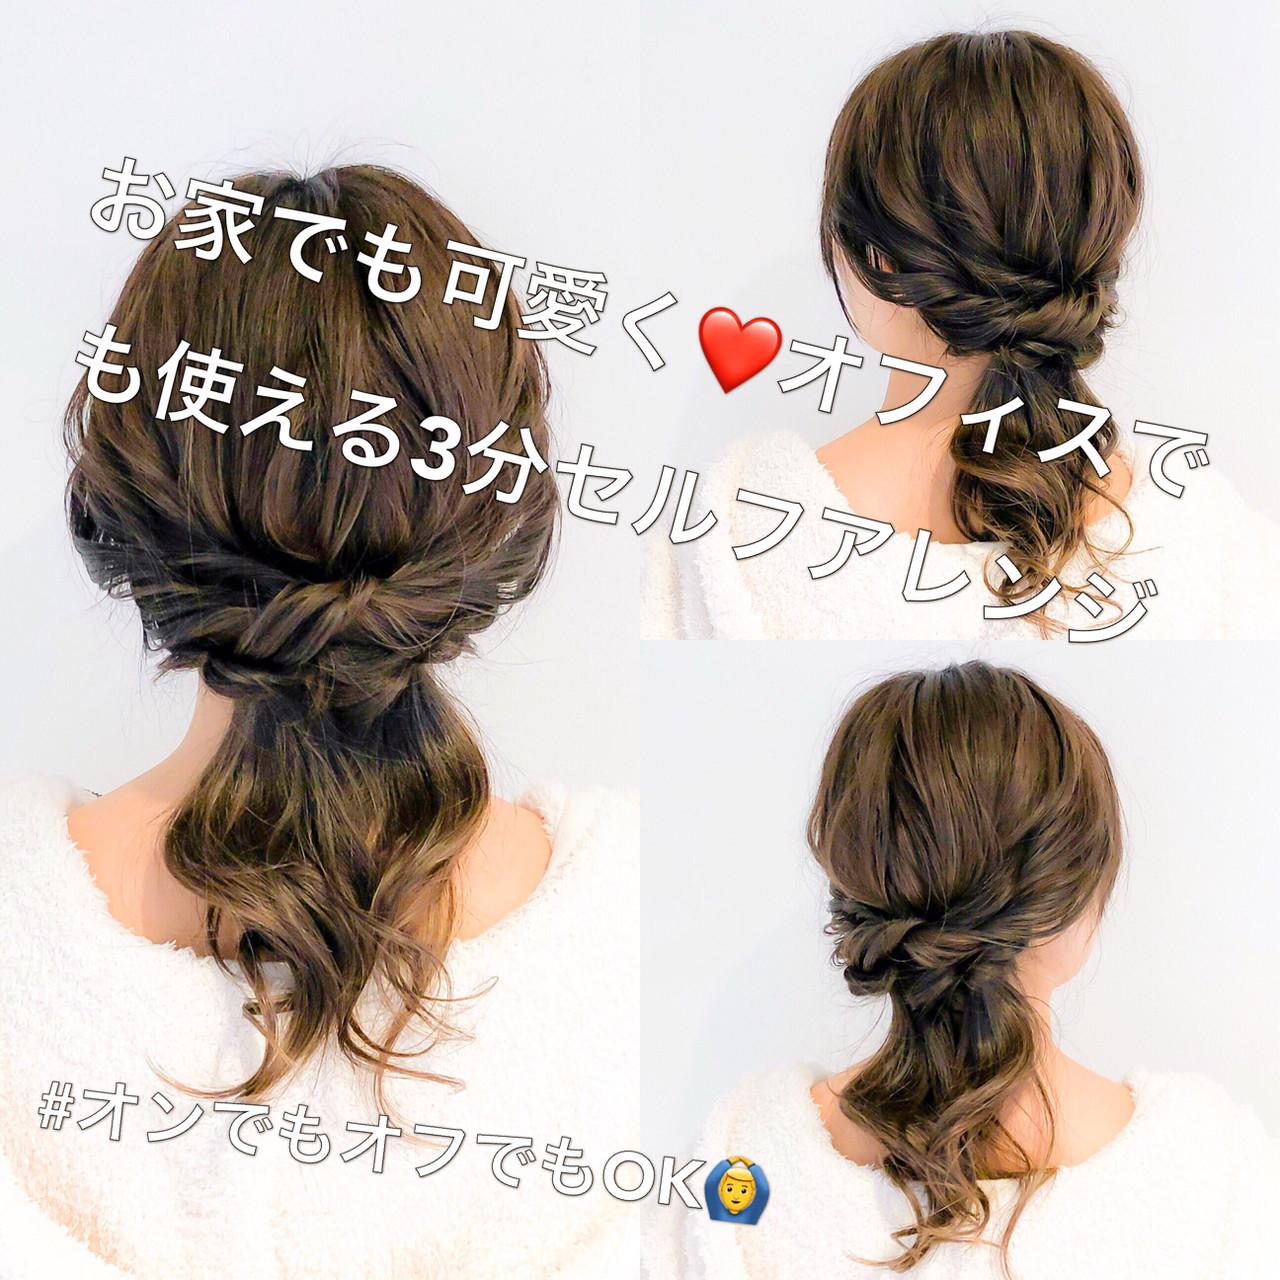 オフィス フェミニン ヘアアレンジ 簡単ヘアアレンジ ヘアスタイルや髪型の写真・画像